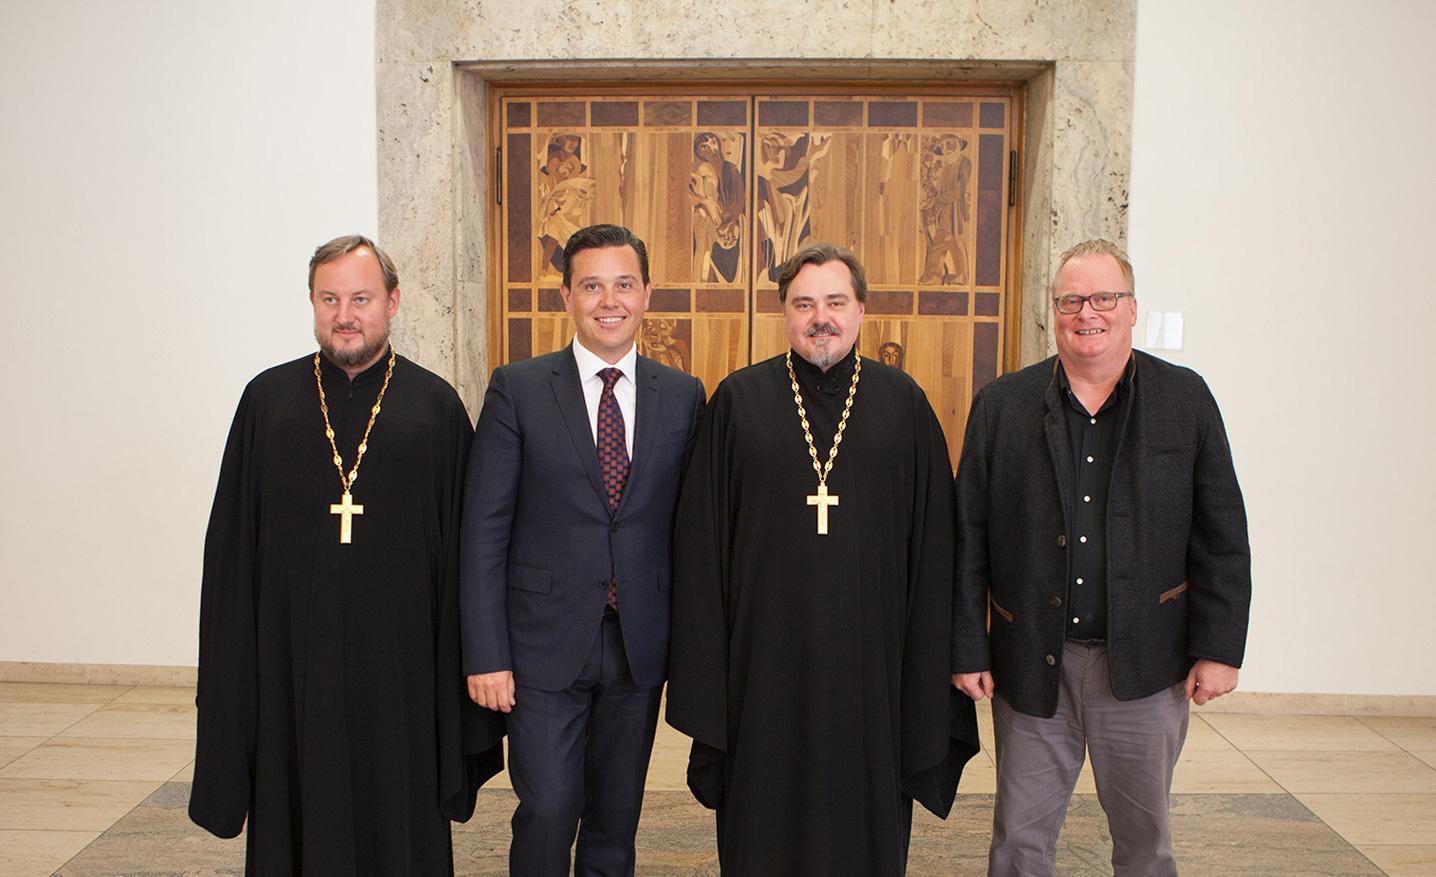 Поддержка проектов Русской-Православной Церкви в городе Ульме